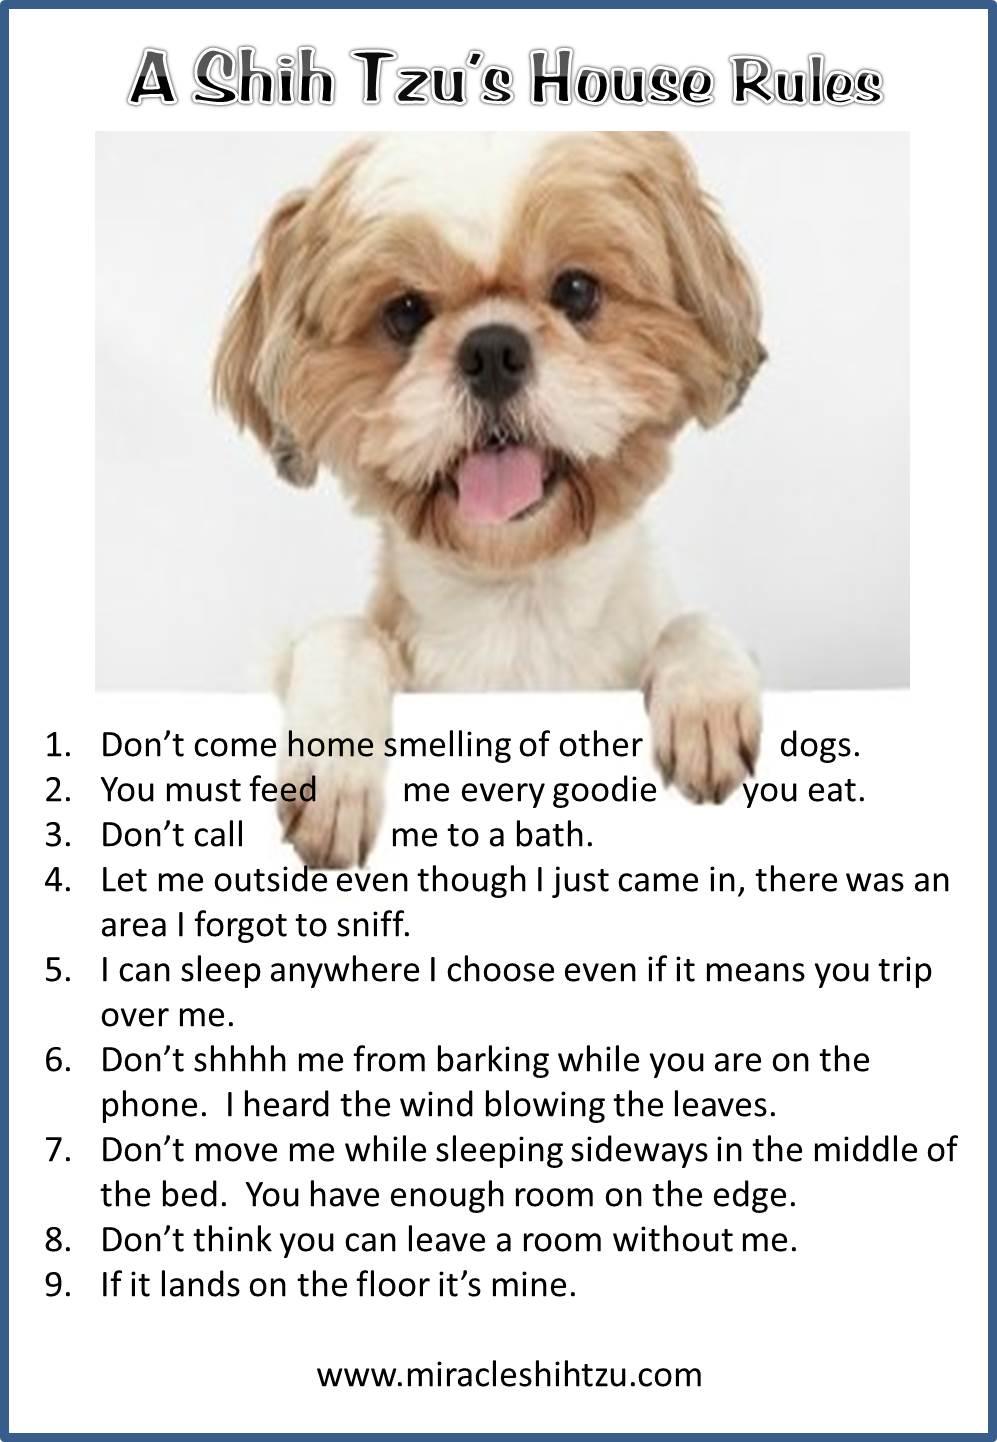 Shih Tzu House Rules